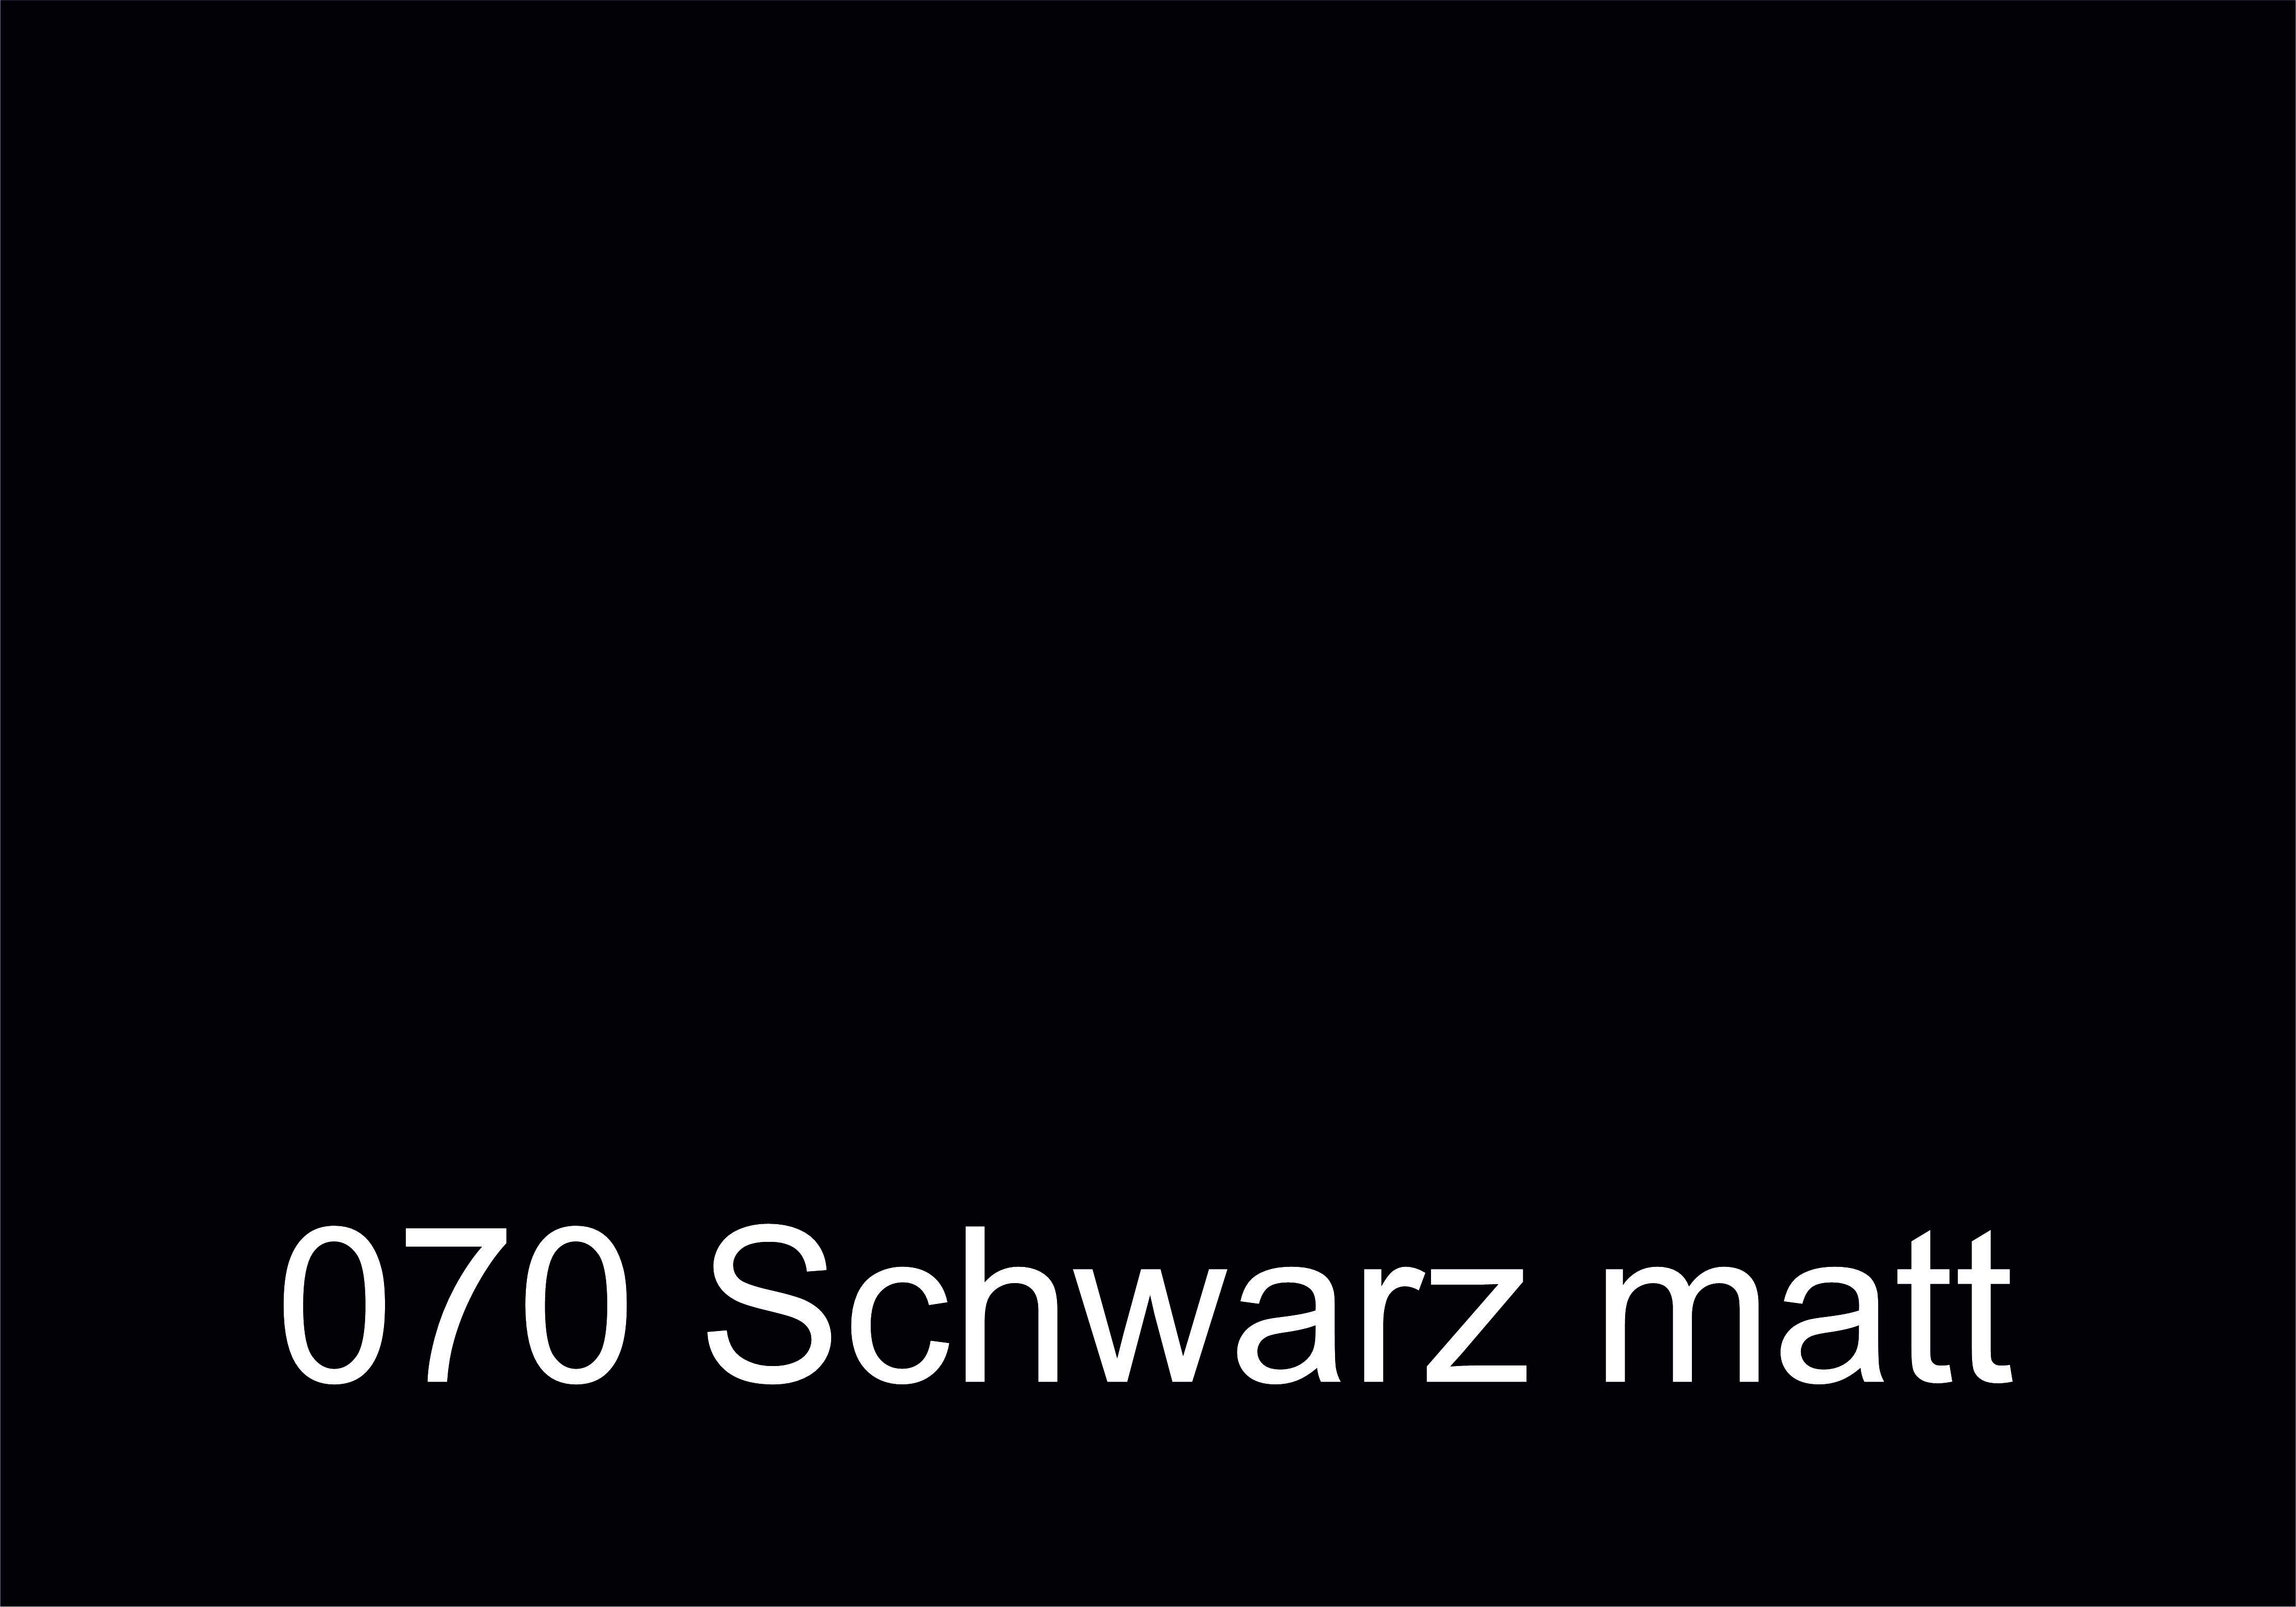 070 Schwarz matt